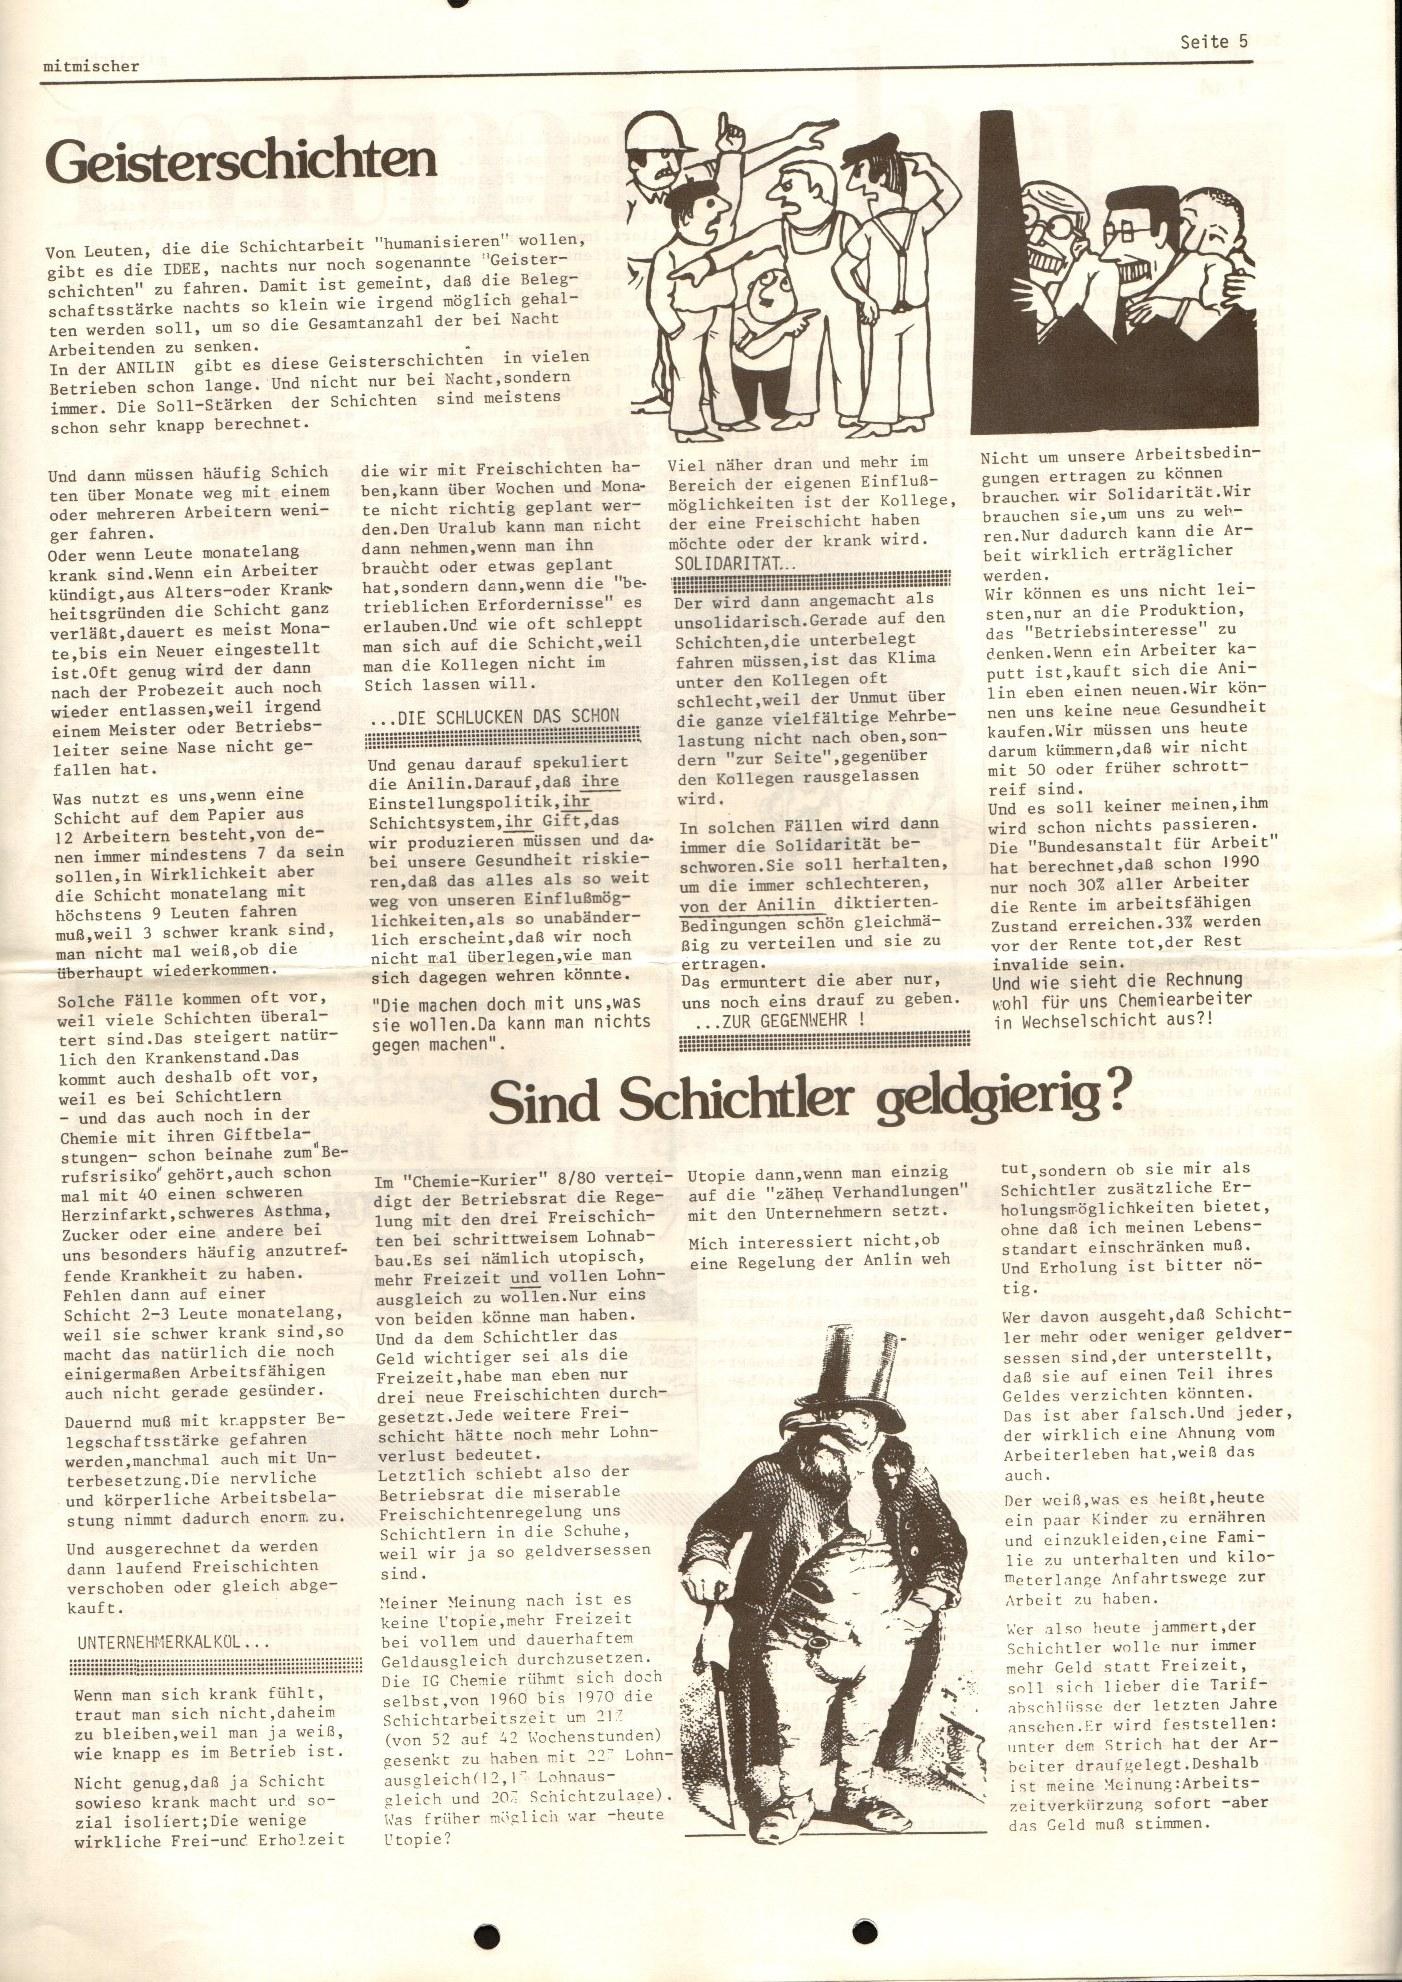 Ludwigshafen_Mitmischer_1980_01_05